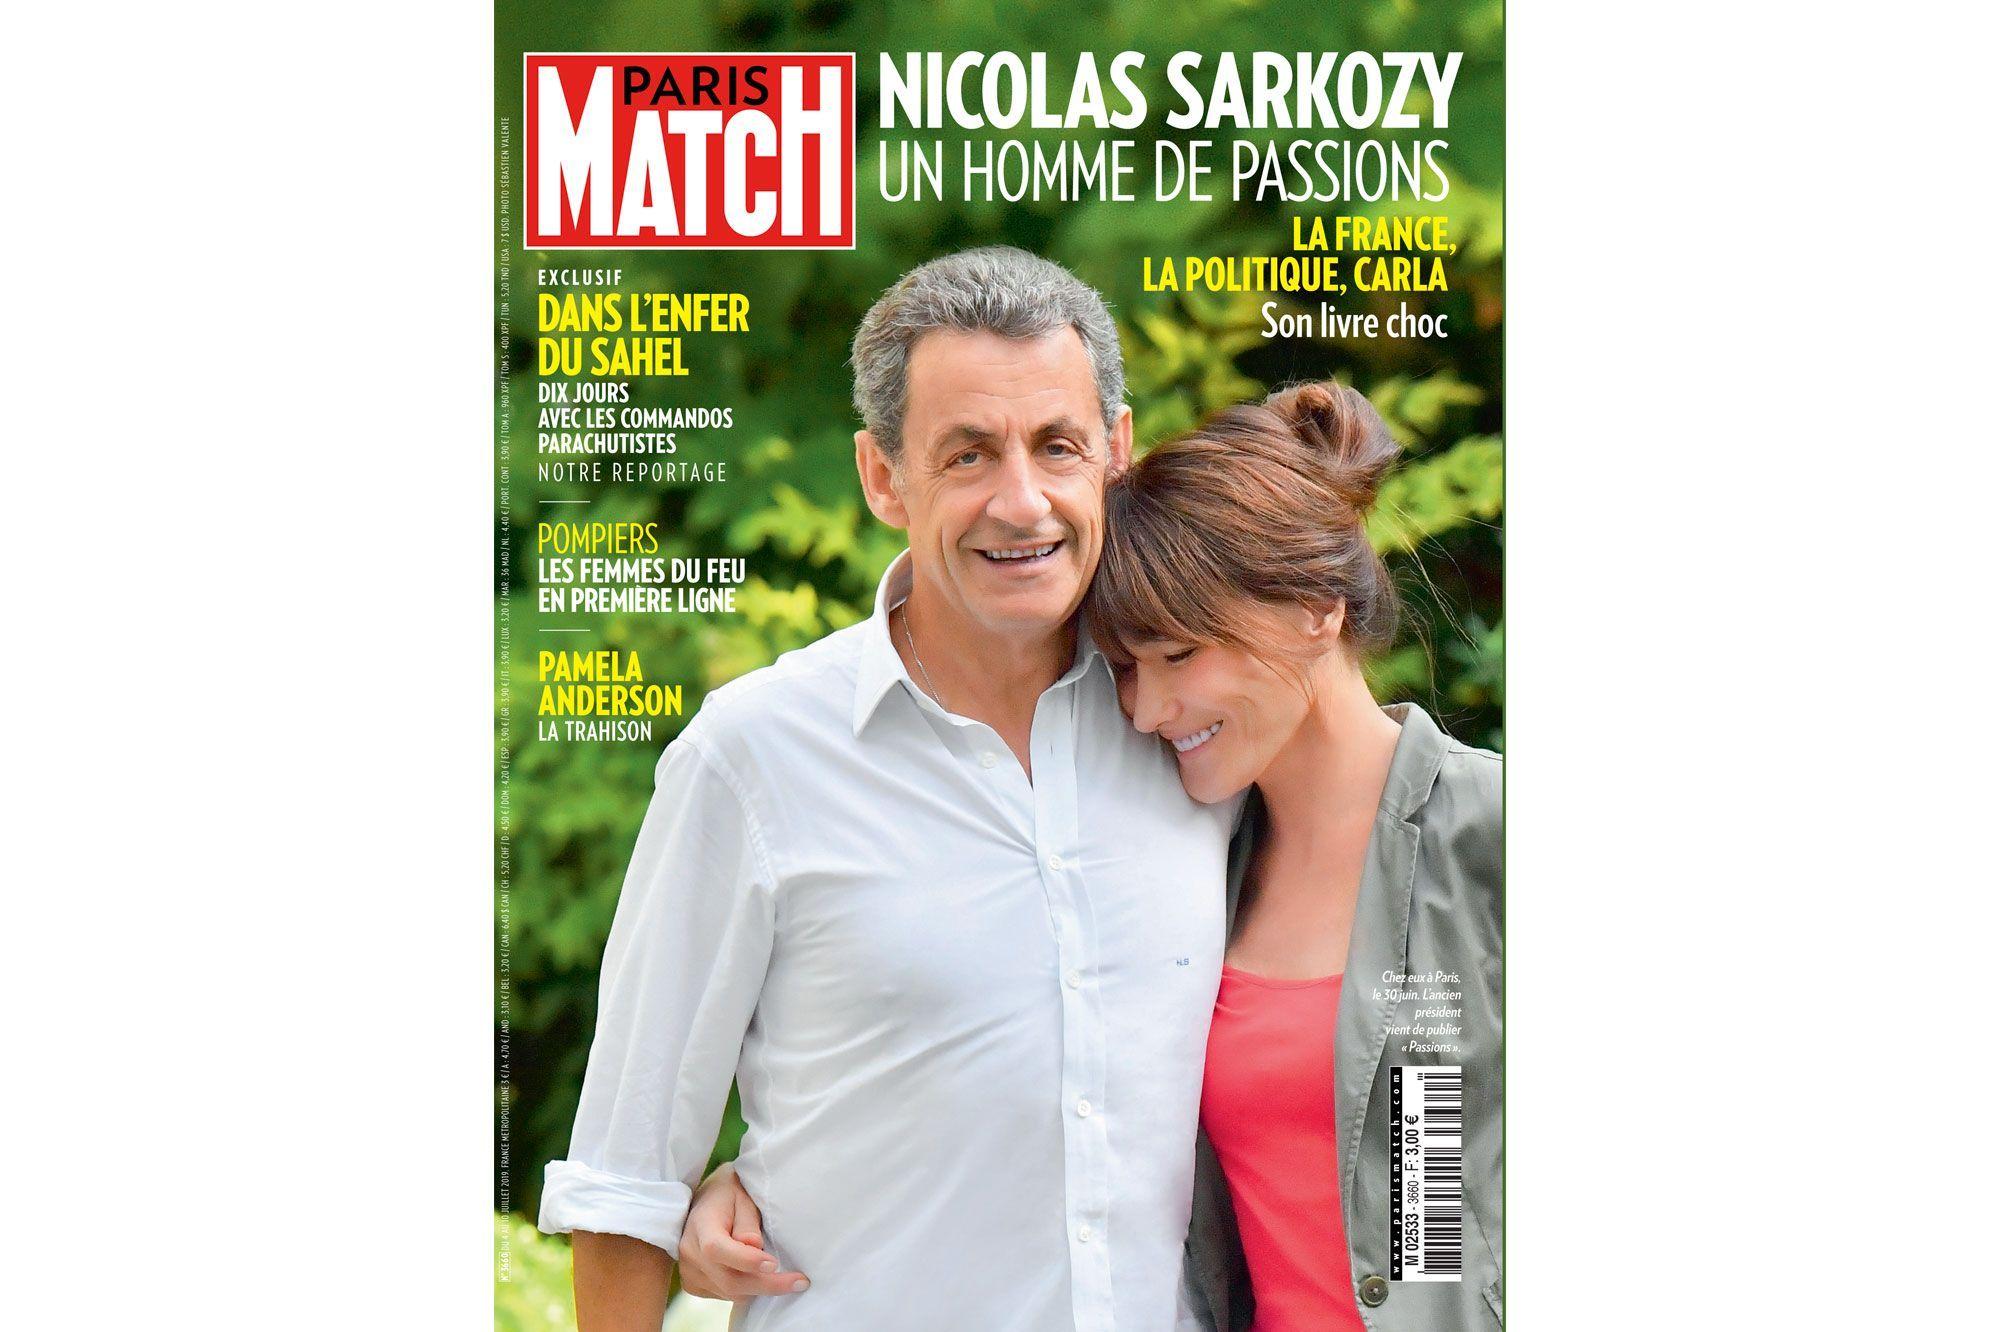 En Couverture Nicolas Sarkozy Un Homme De Passions